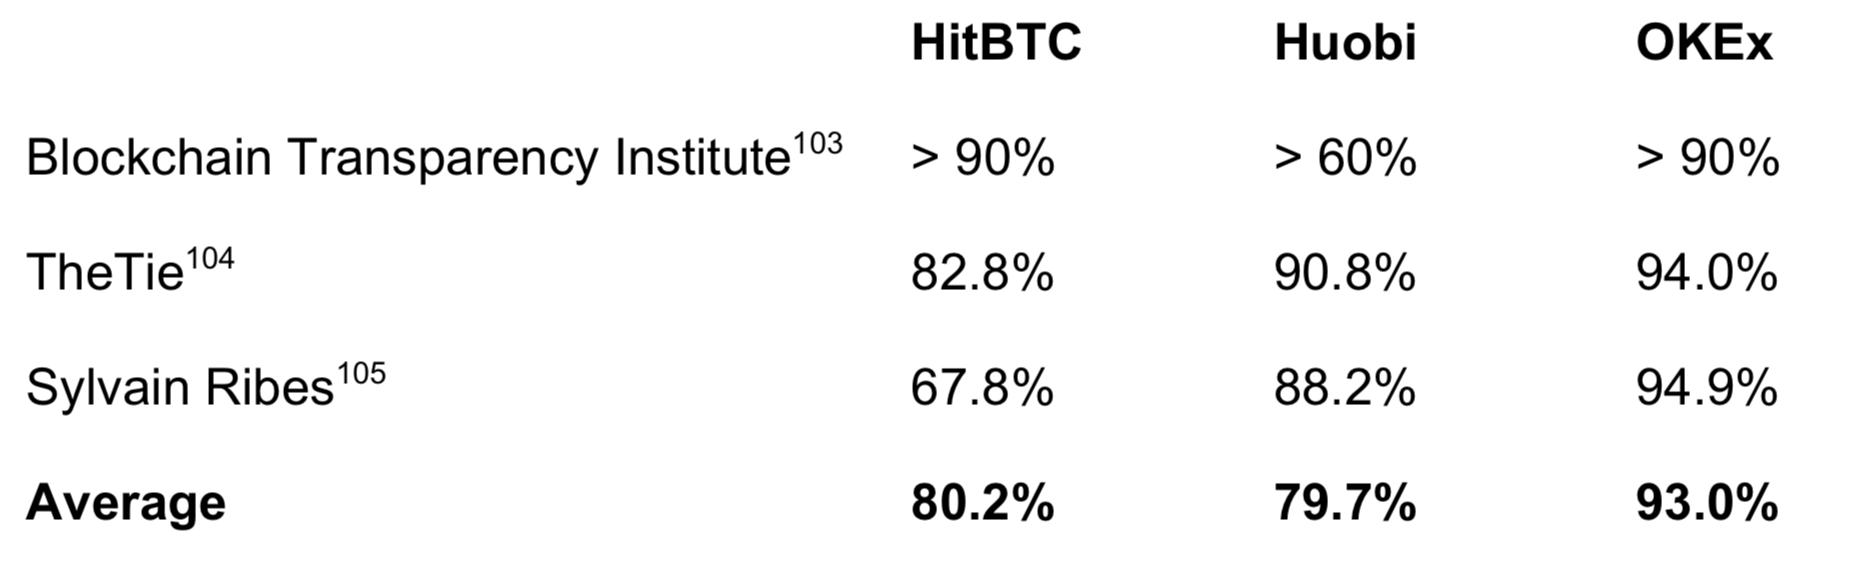 HitBTC fake volume wash trading